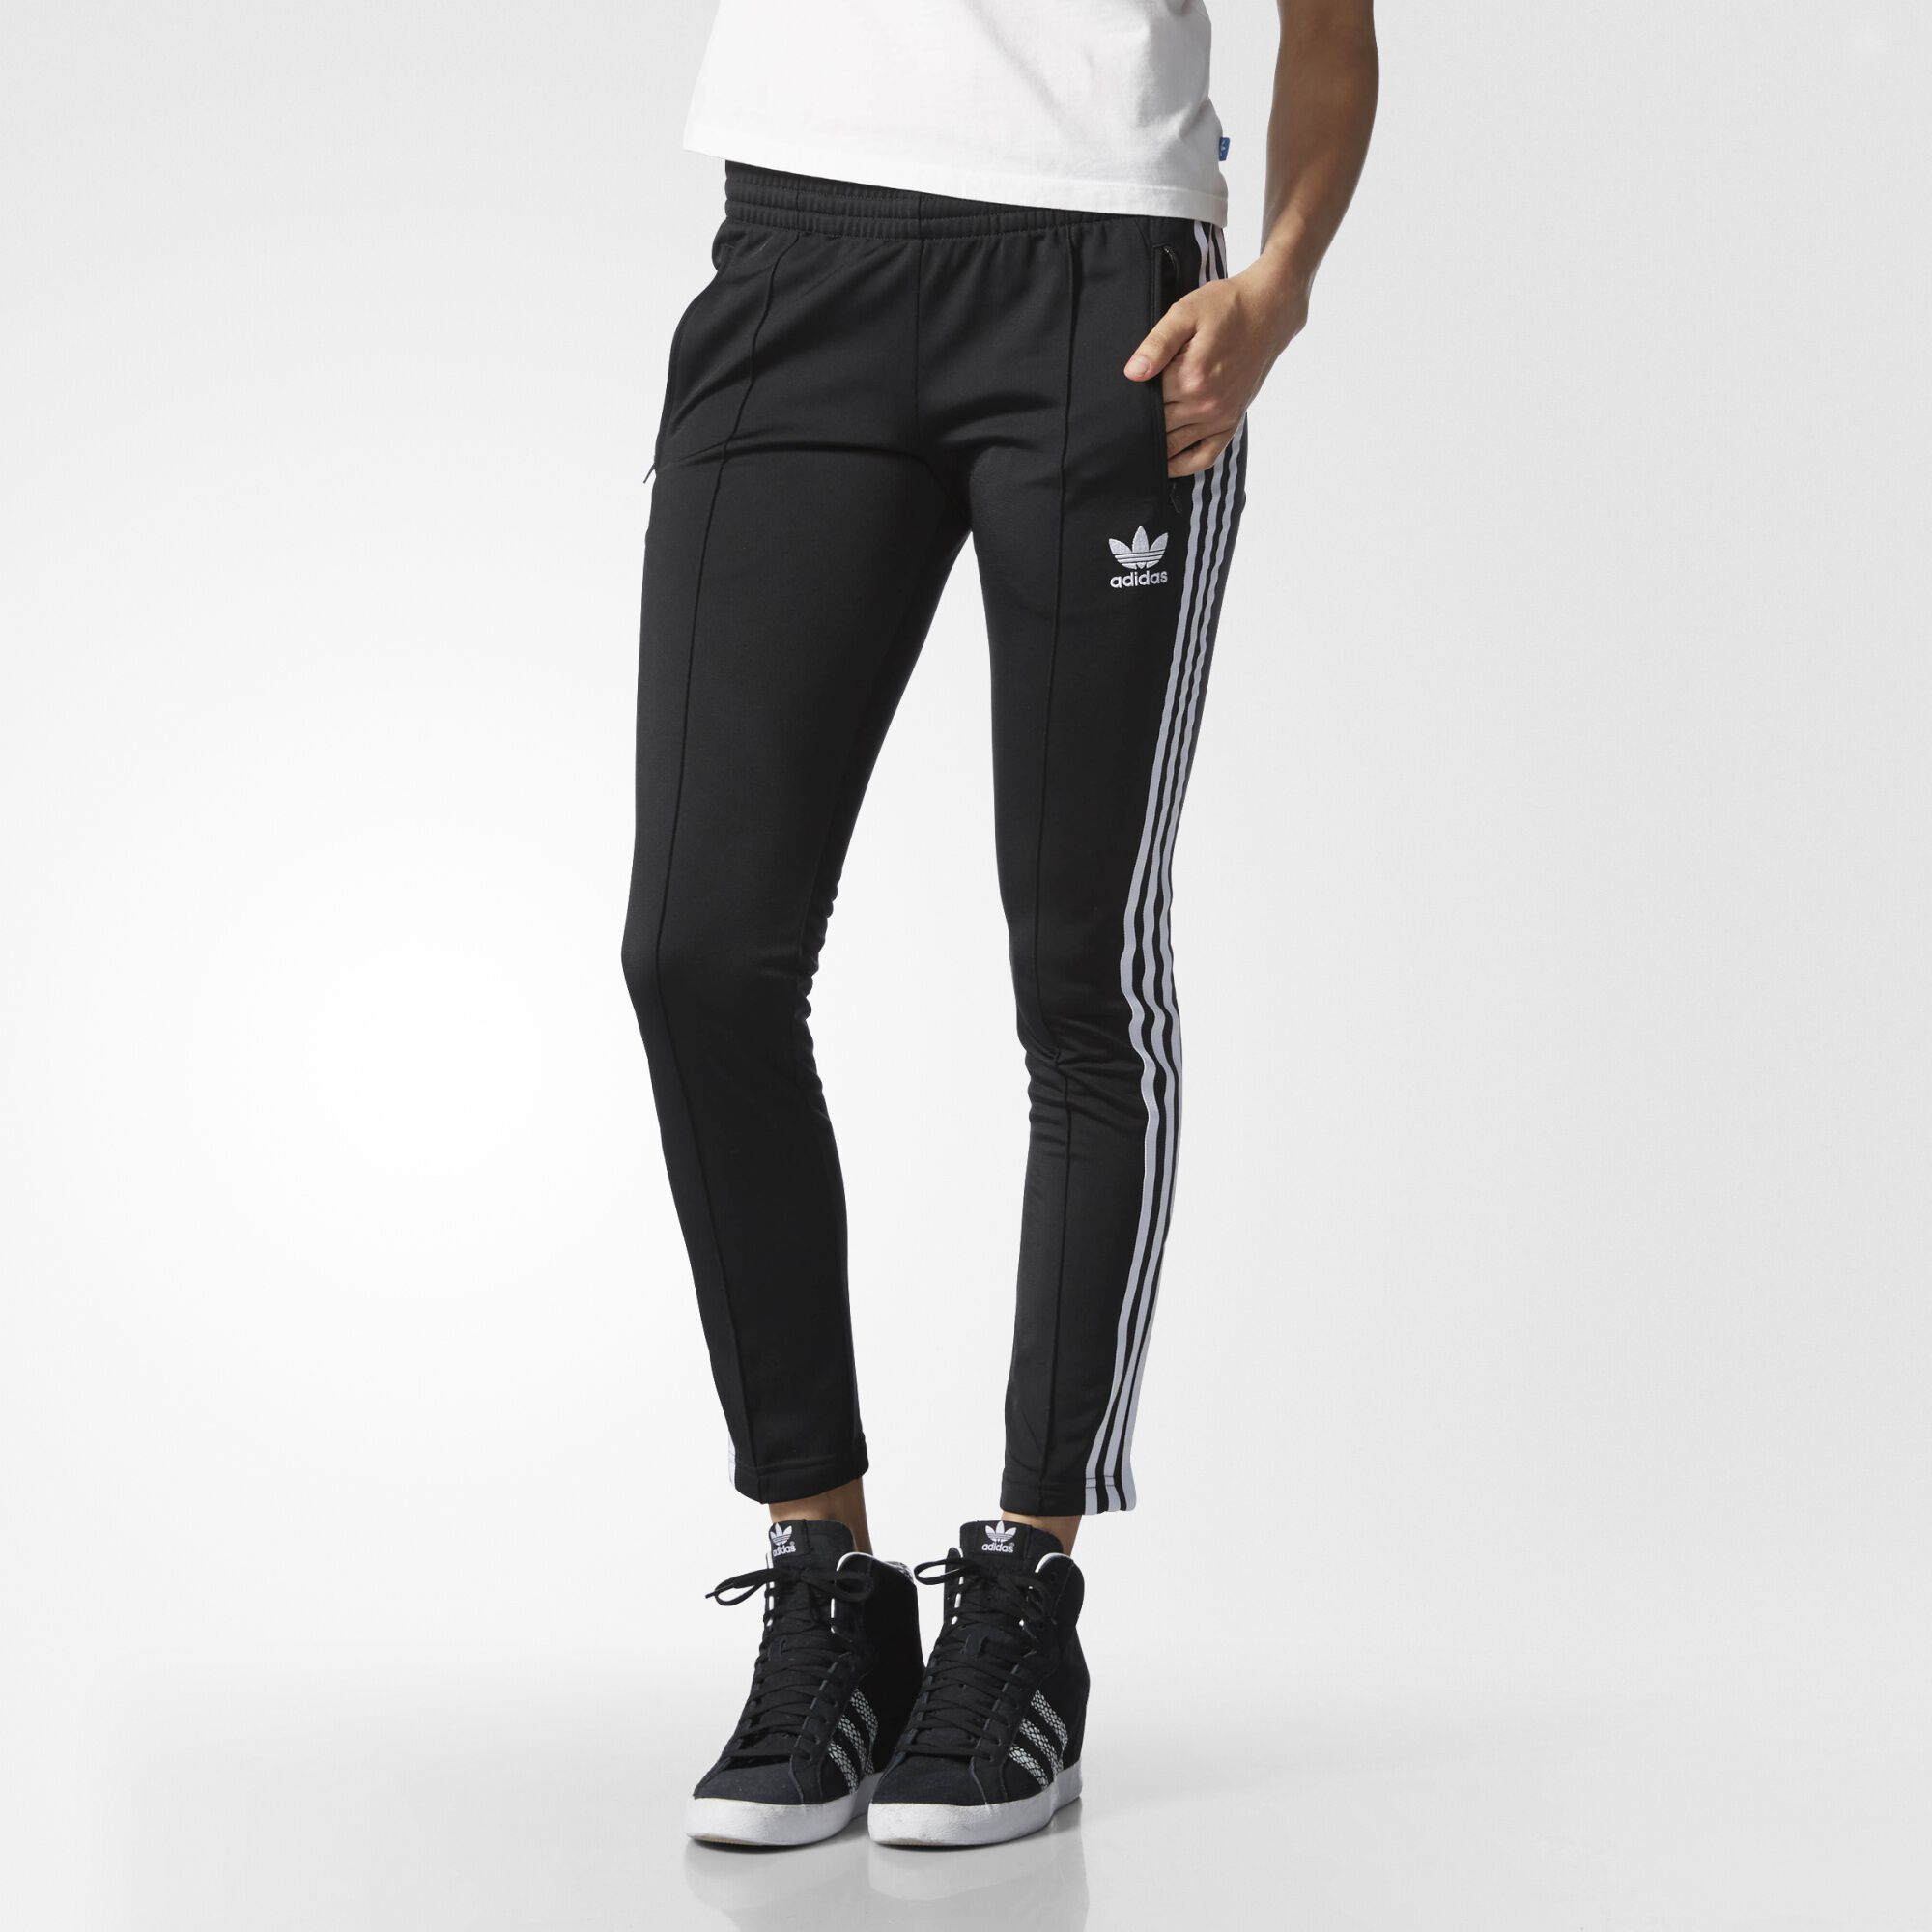 Stan Smith Adidas Women